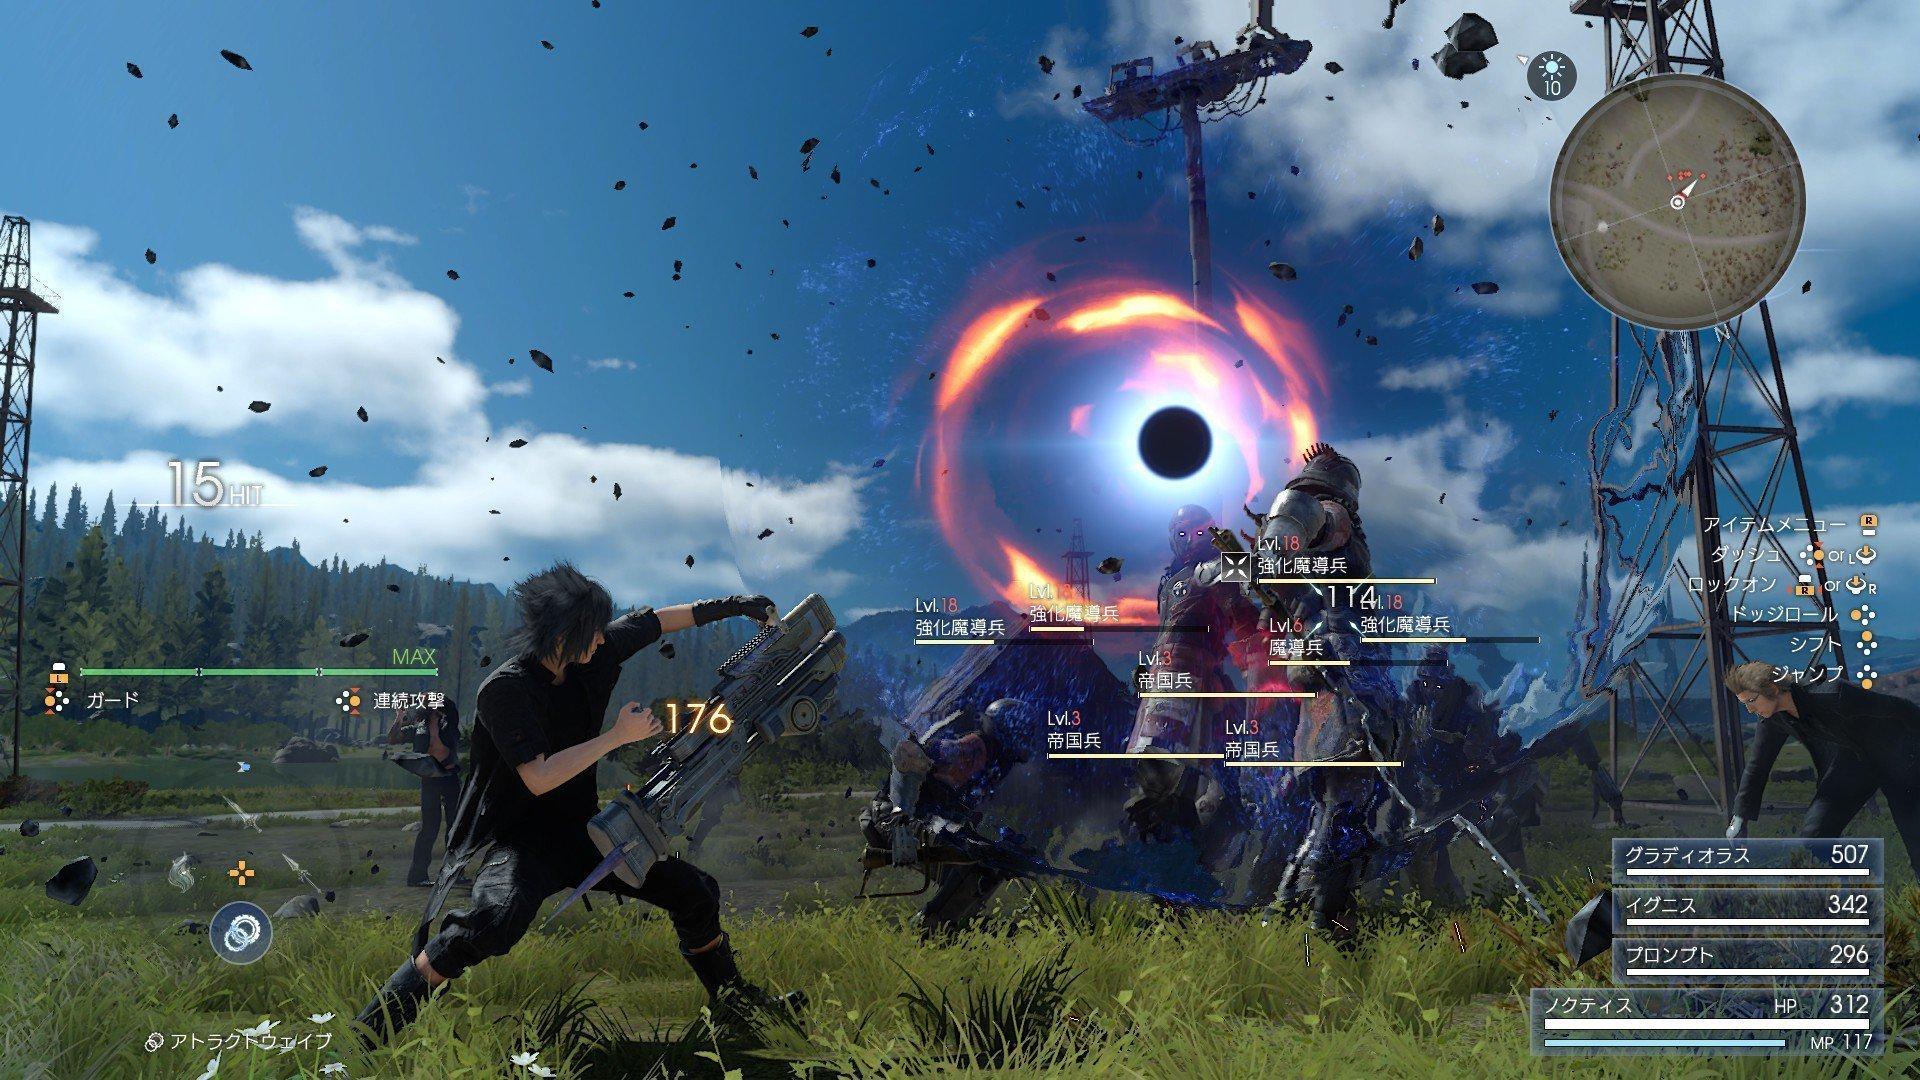 Image d'un combat du jeu vidéo Final Fantasy XV